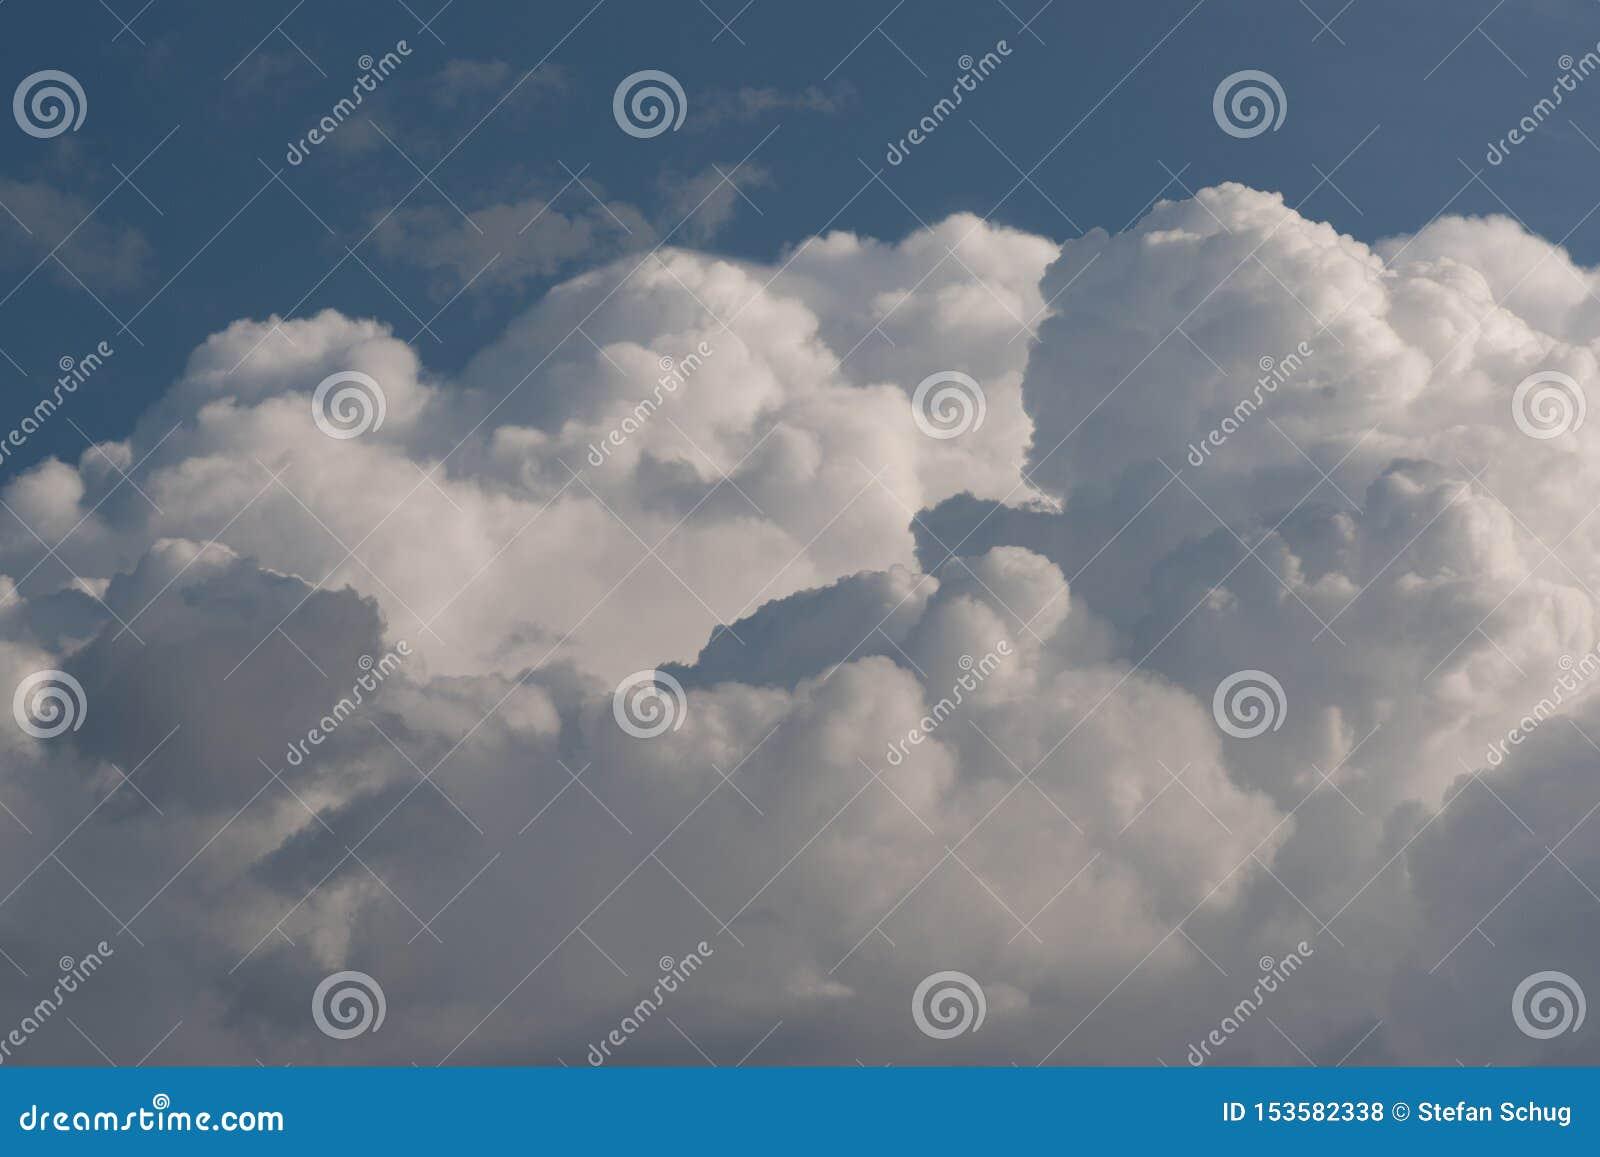 Πρόσθετη αυξομειούμενη αύξηση σύννεφων σωρειτών